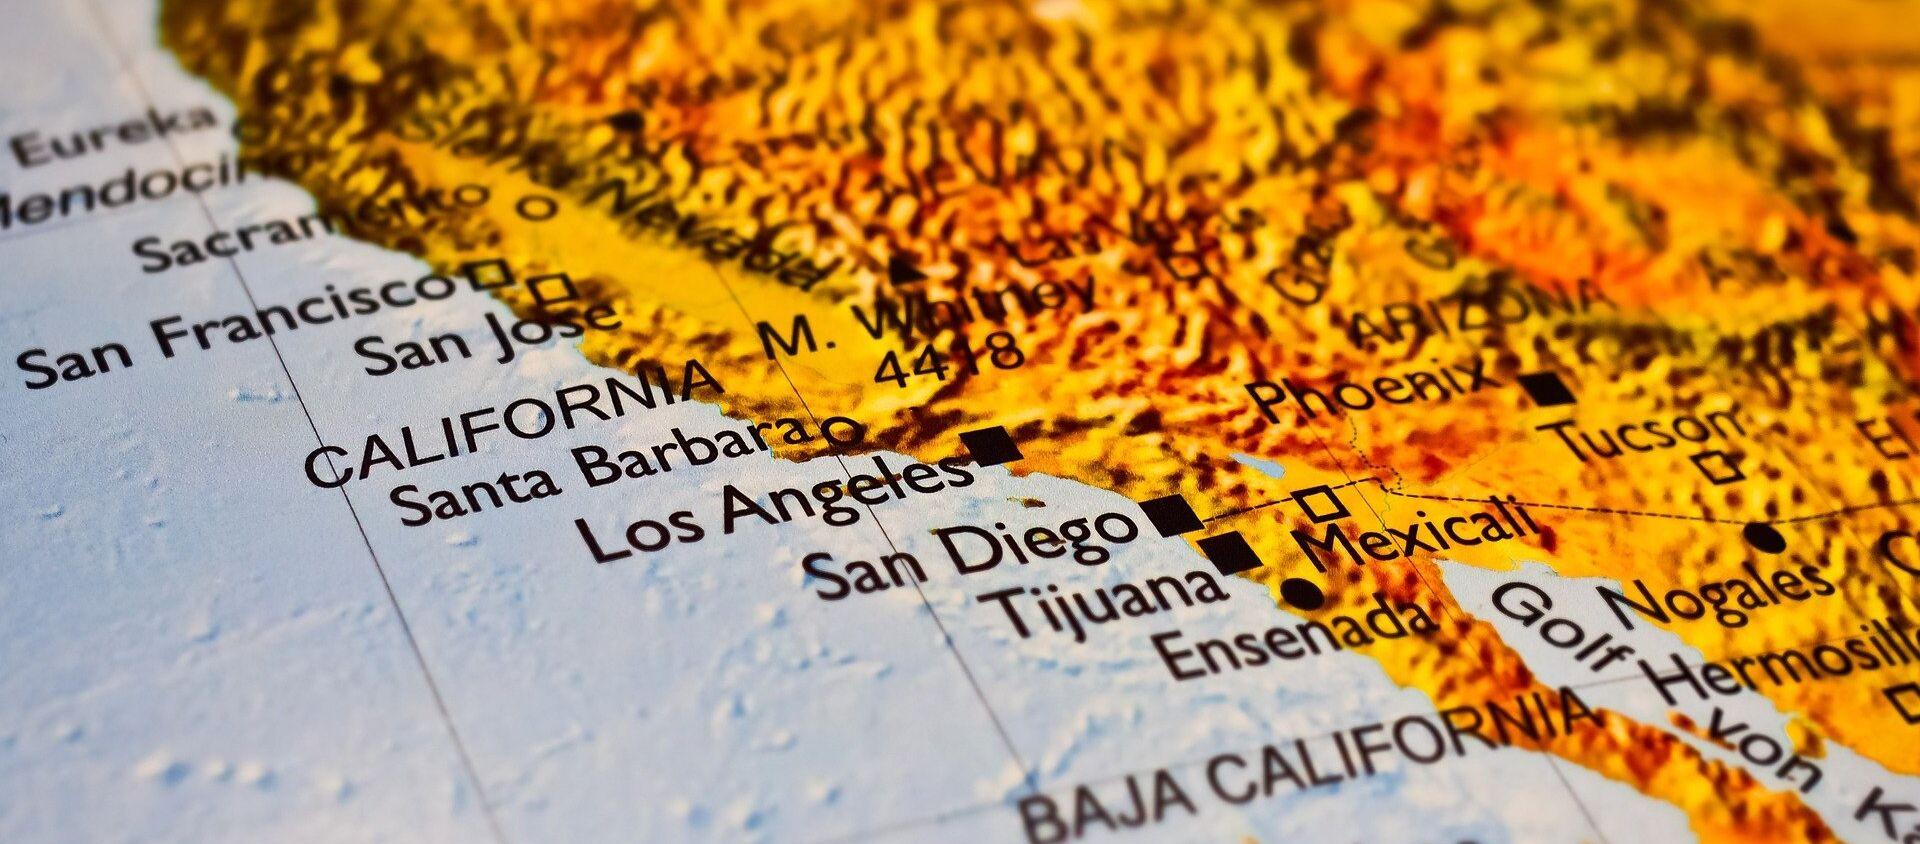 California en el mapa - Sputnik Mundo, 1920, 16.06.2018